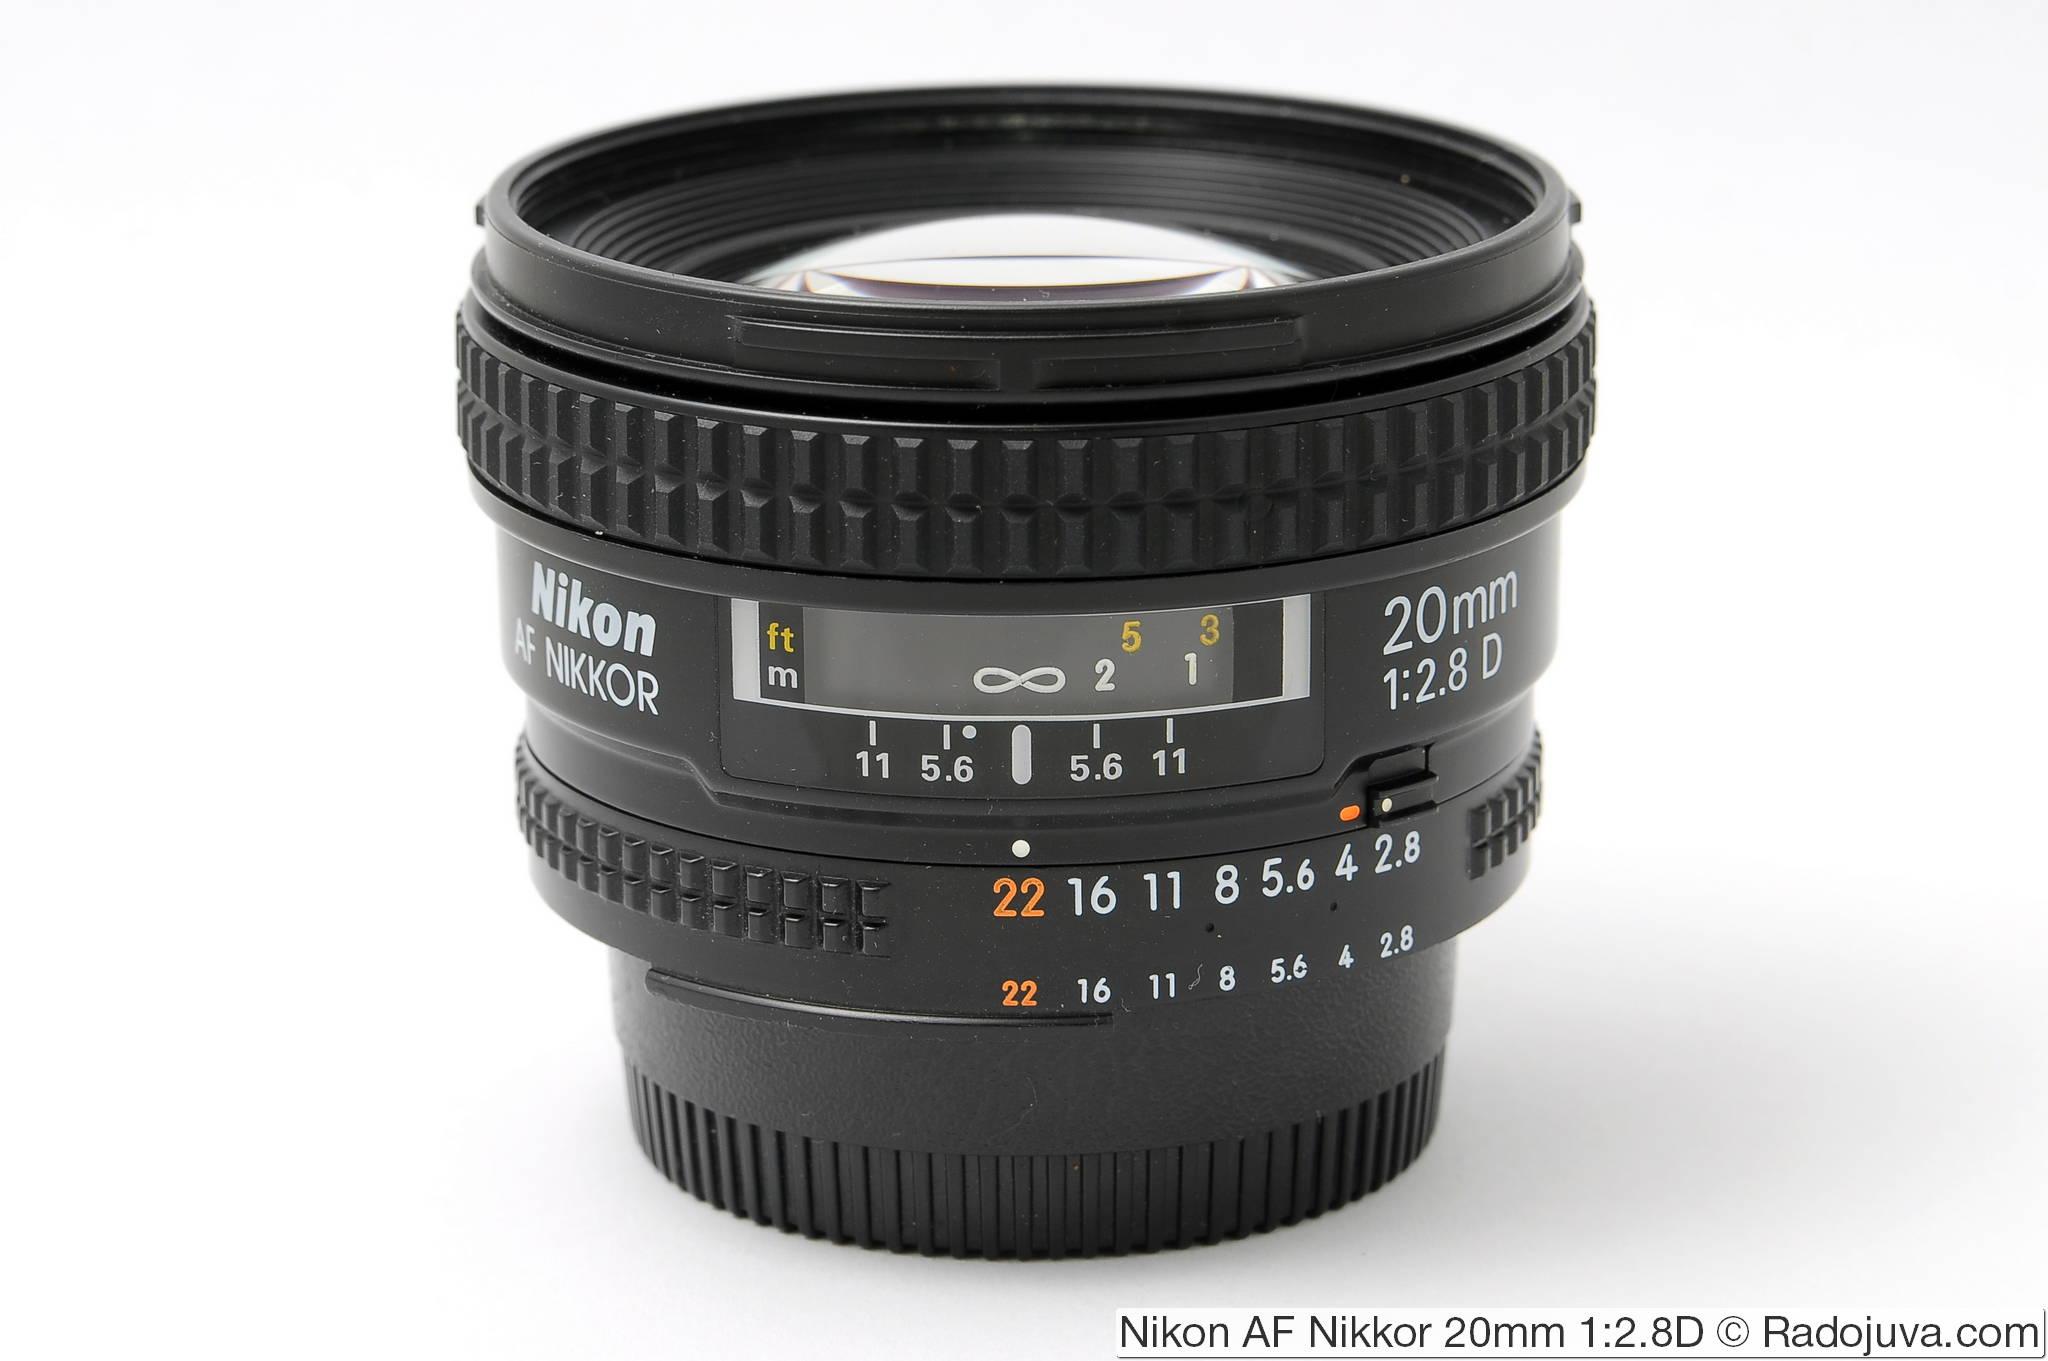 Nikon AF Nikkor 20mm 1:2.8D